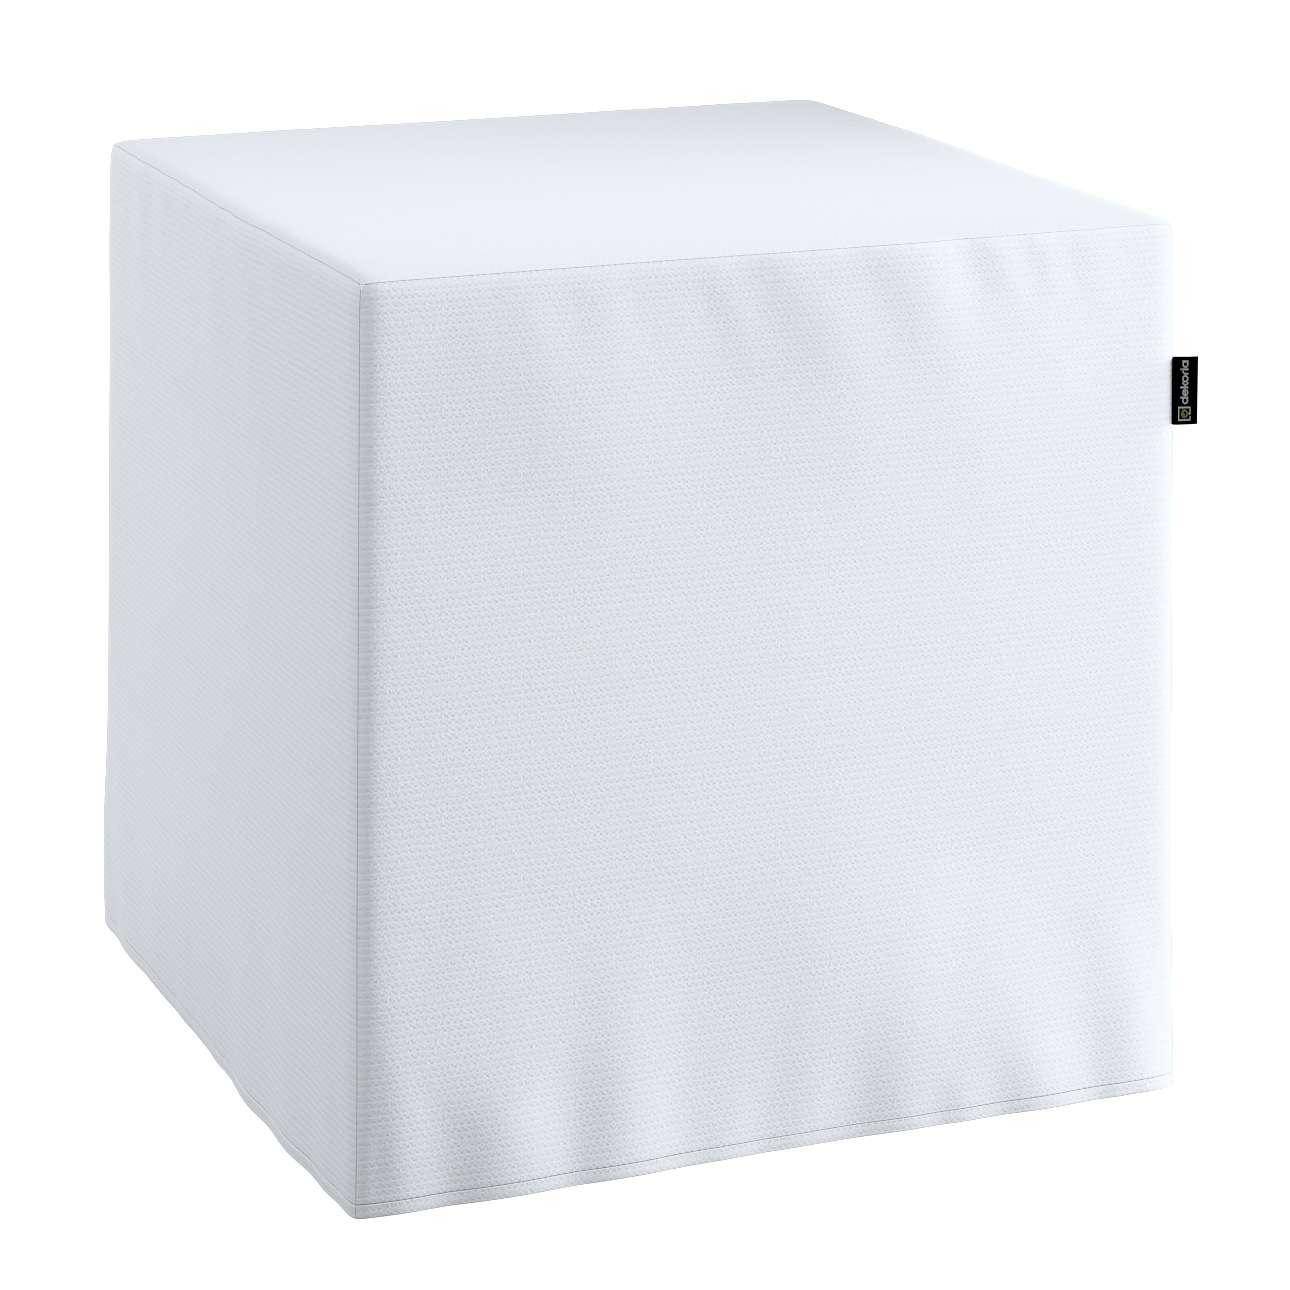 Sedák Cube - kostka pevná 40x40x40 v kolekci Jupiter, látka: 127-01